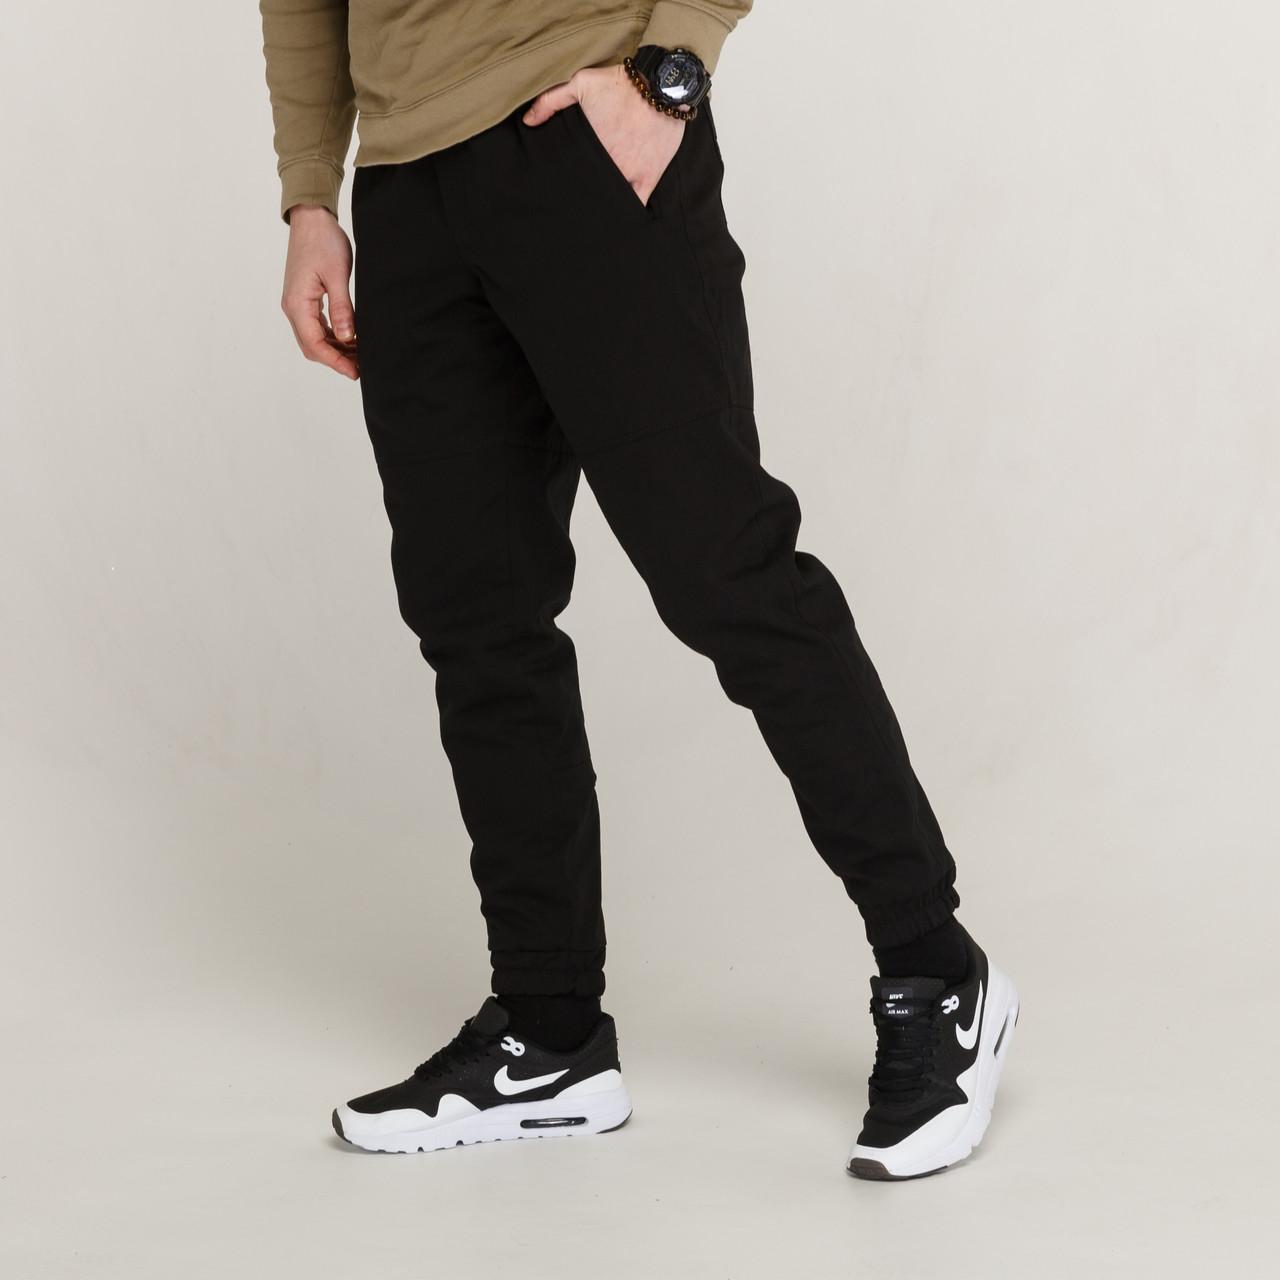 Зимние штаны карго на флисе мужские черные бренд ТУР модель Грут (Groot)